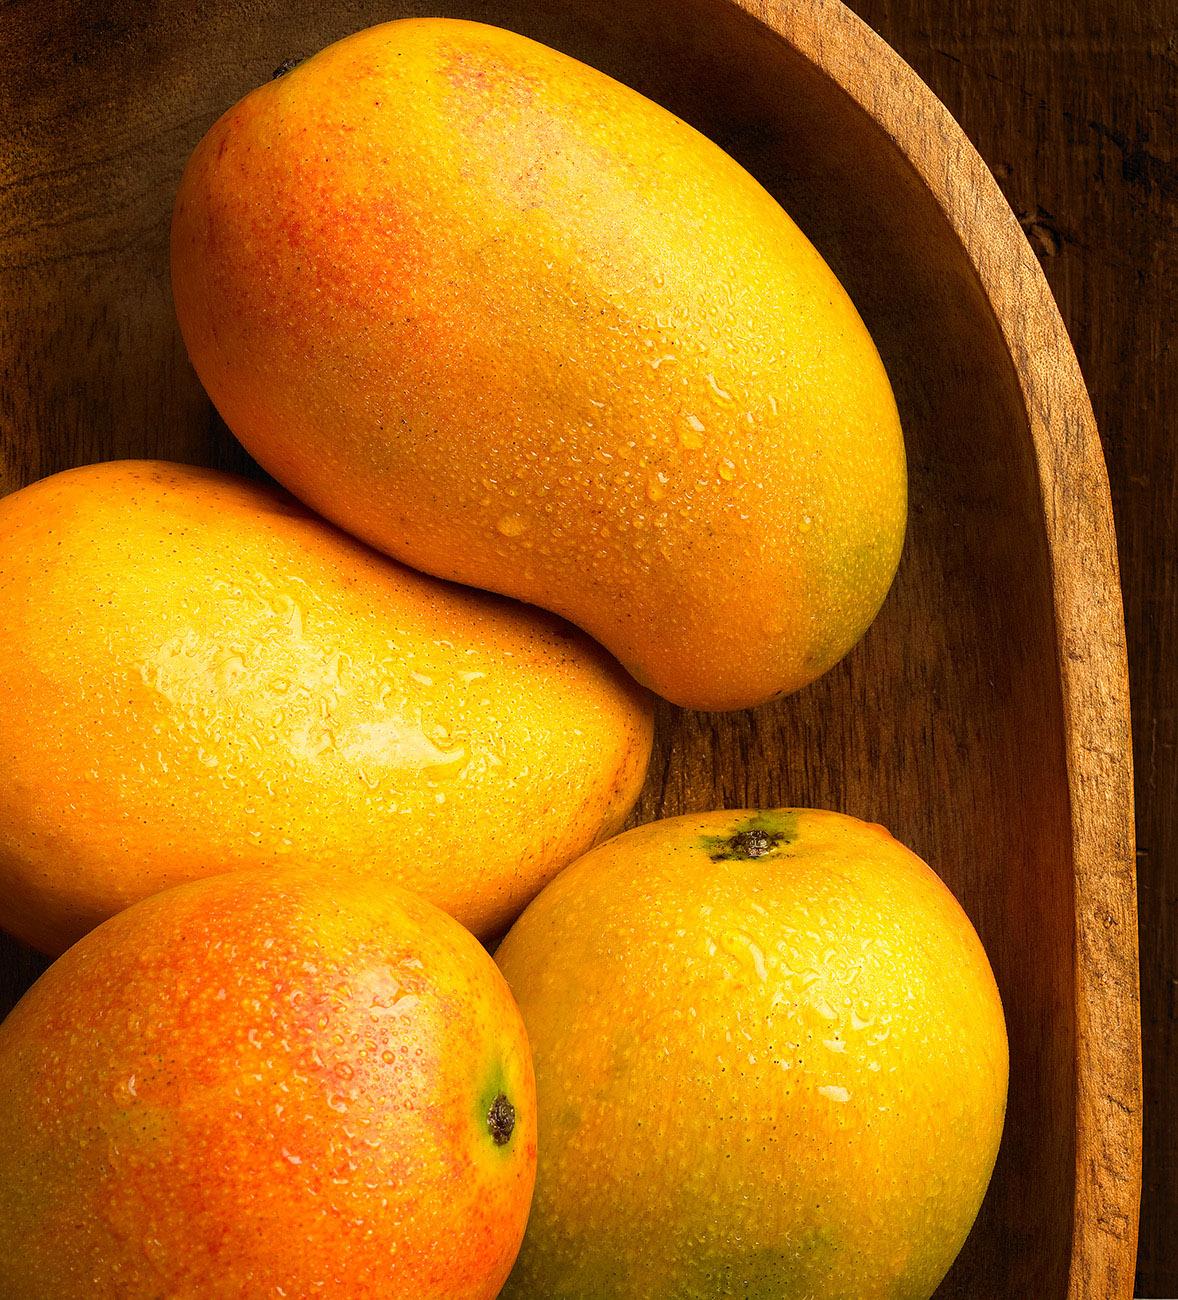 mangoe023.jpg